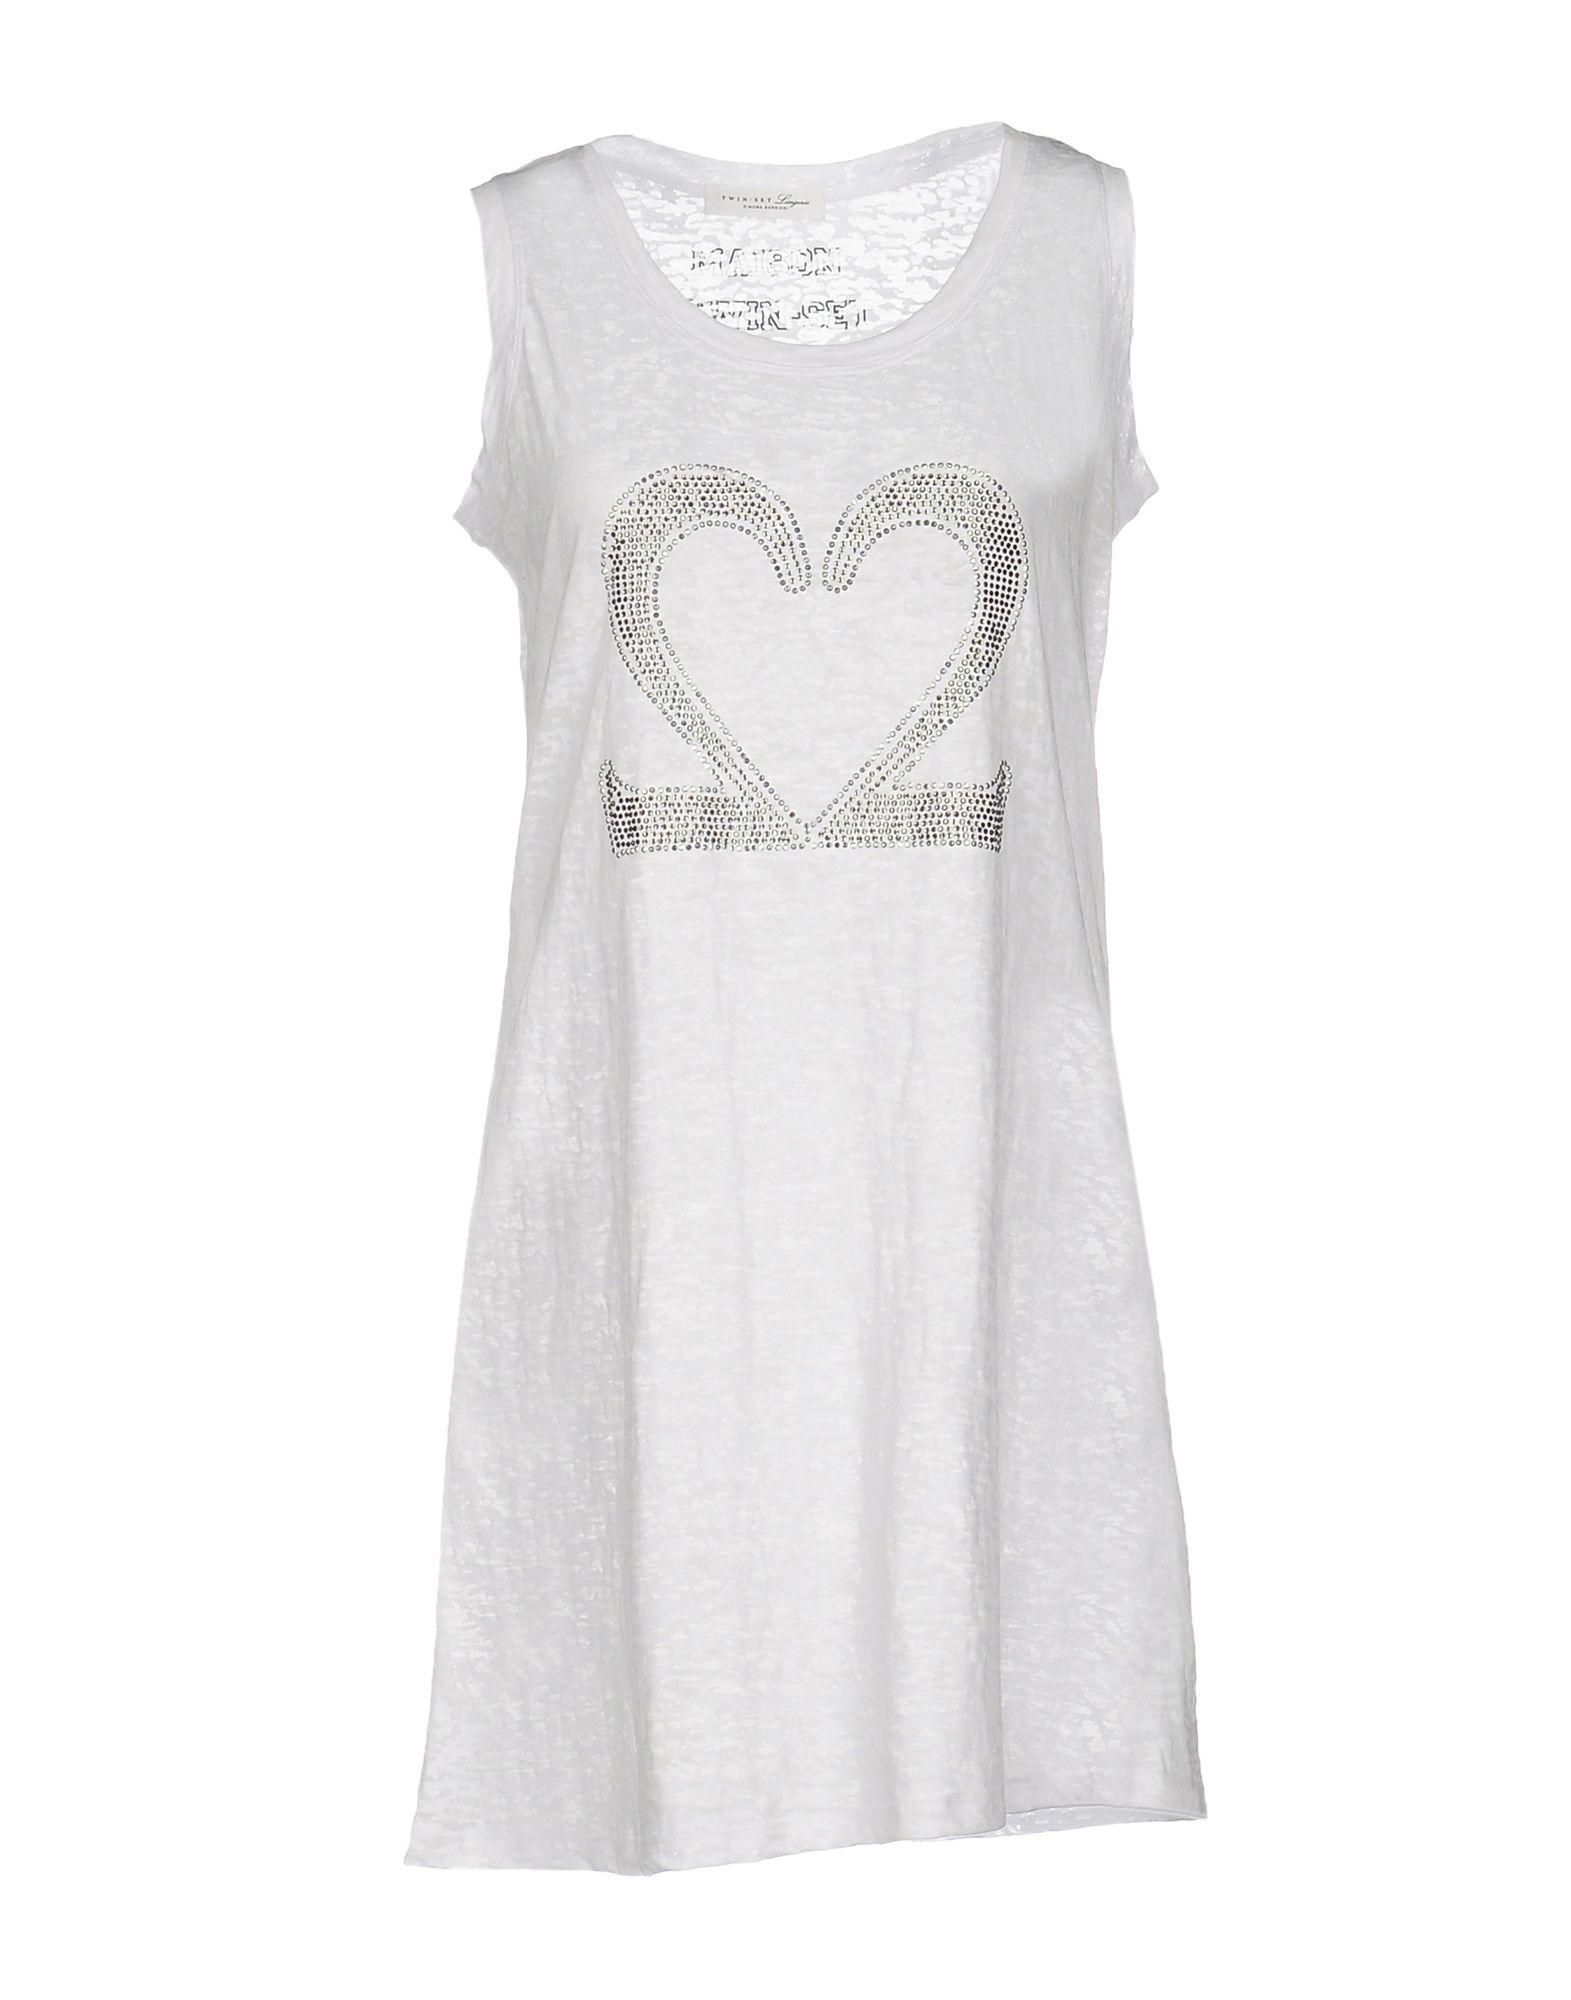 TWIN-SET LINGERIE Ночная рубашка lace cut out lingerie bra set